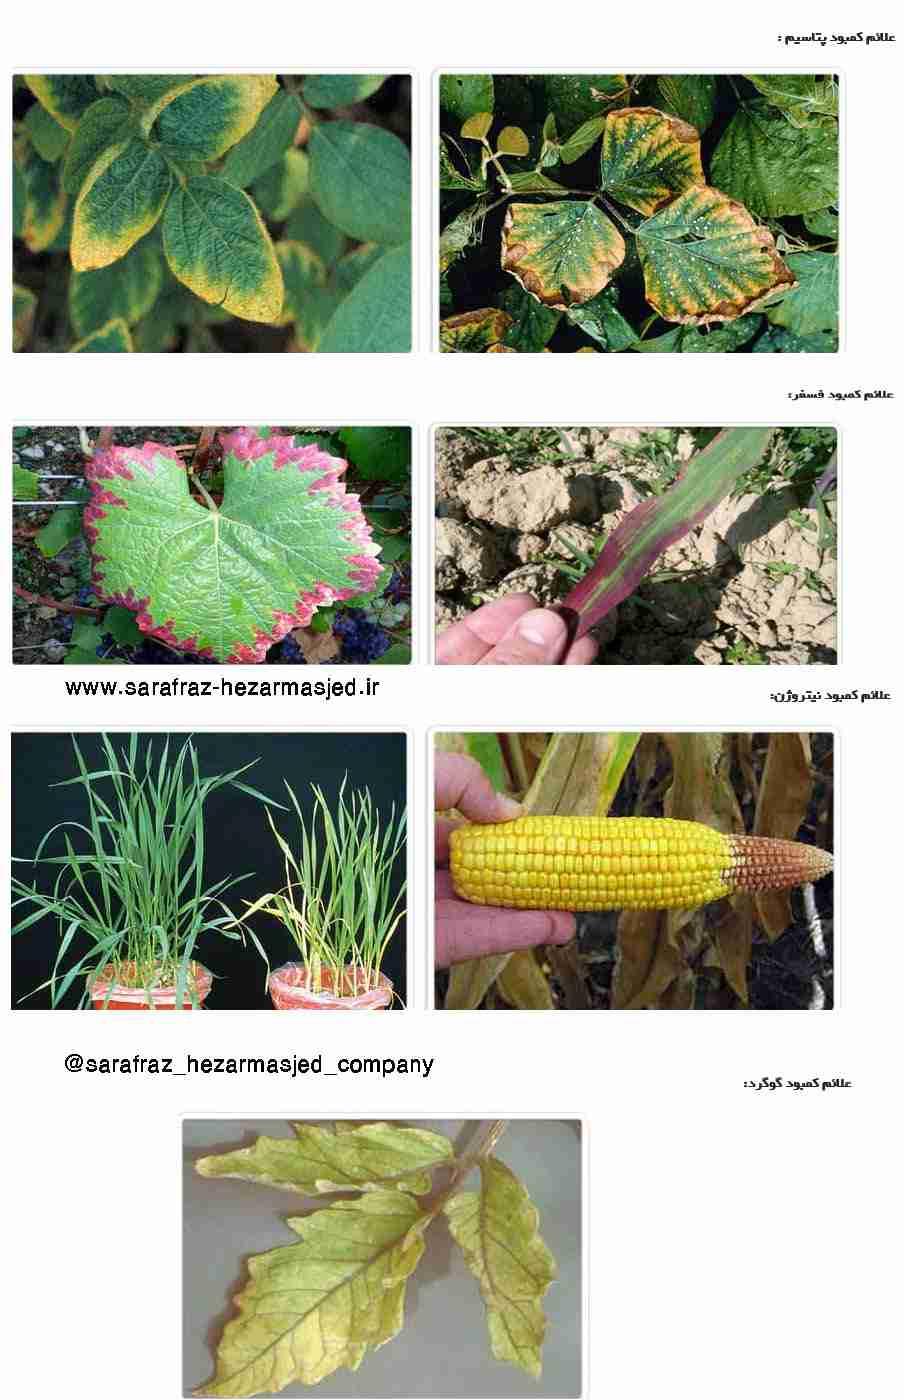 علایم کمبود نیتروژن ، فسفر ، پتاسیم و گوگرد در گیاهان